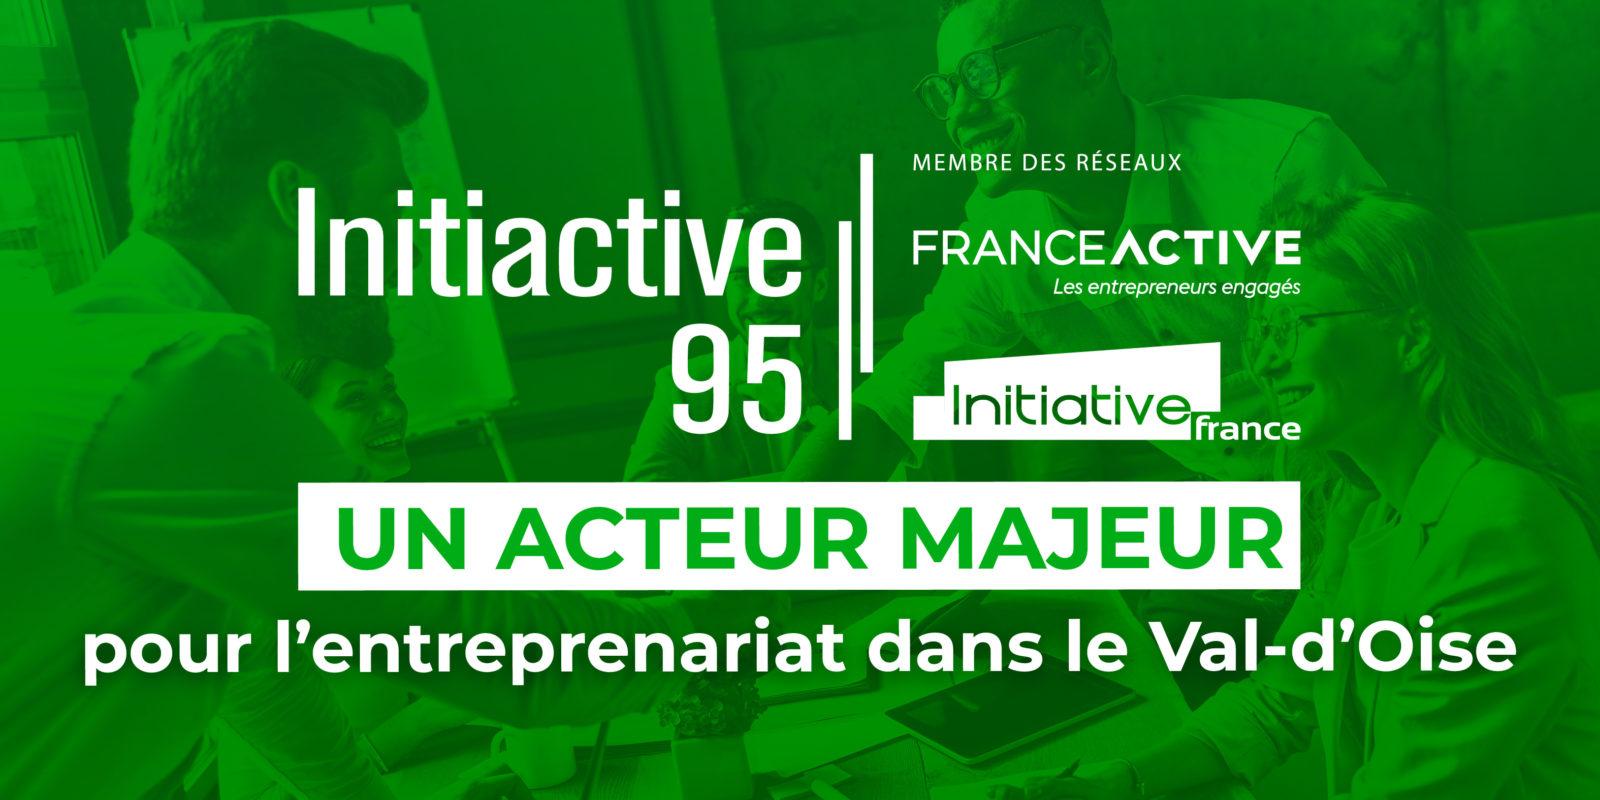 Initiactive 95: un acteur majeur de la création d'entreprise du Val-d'Oise